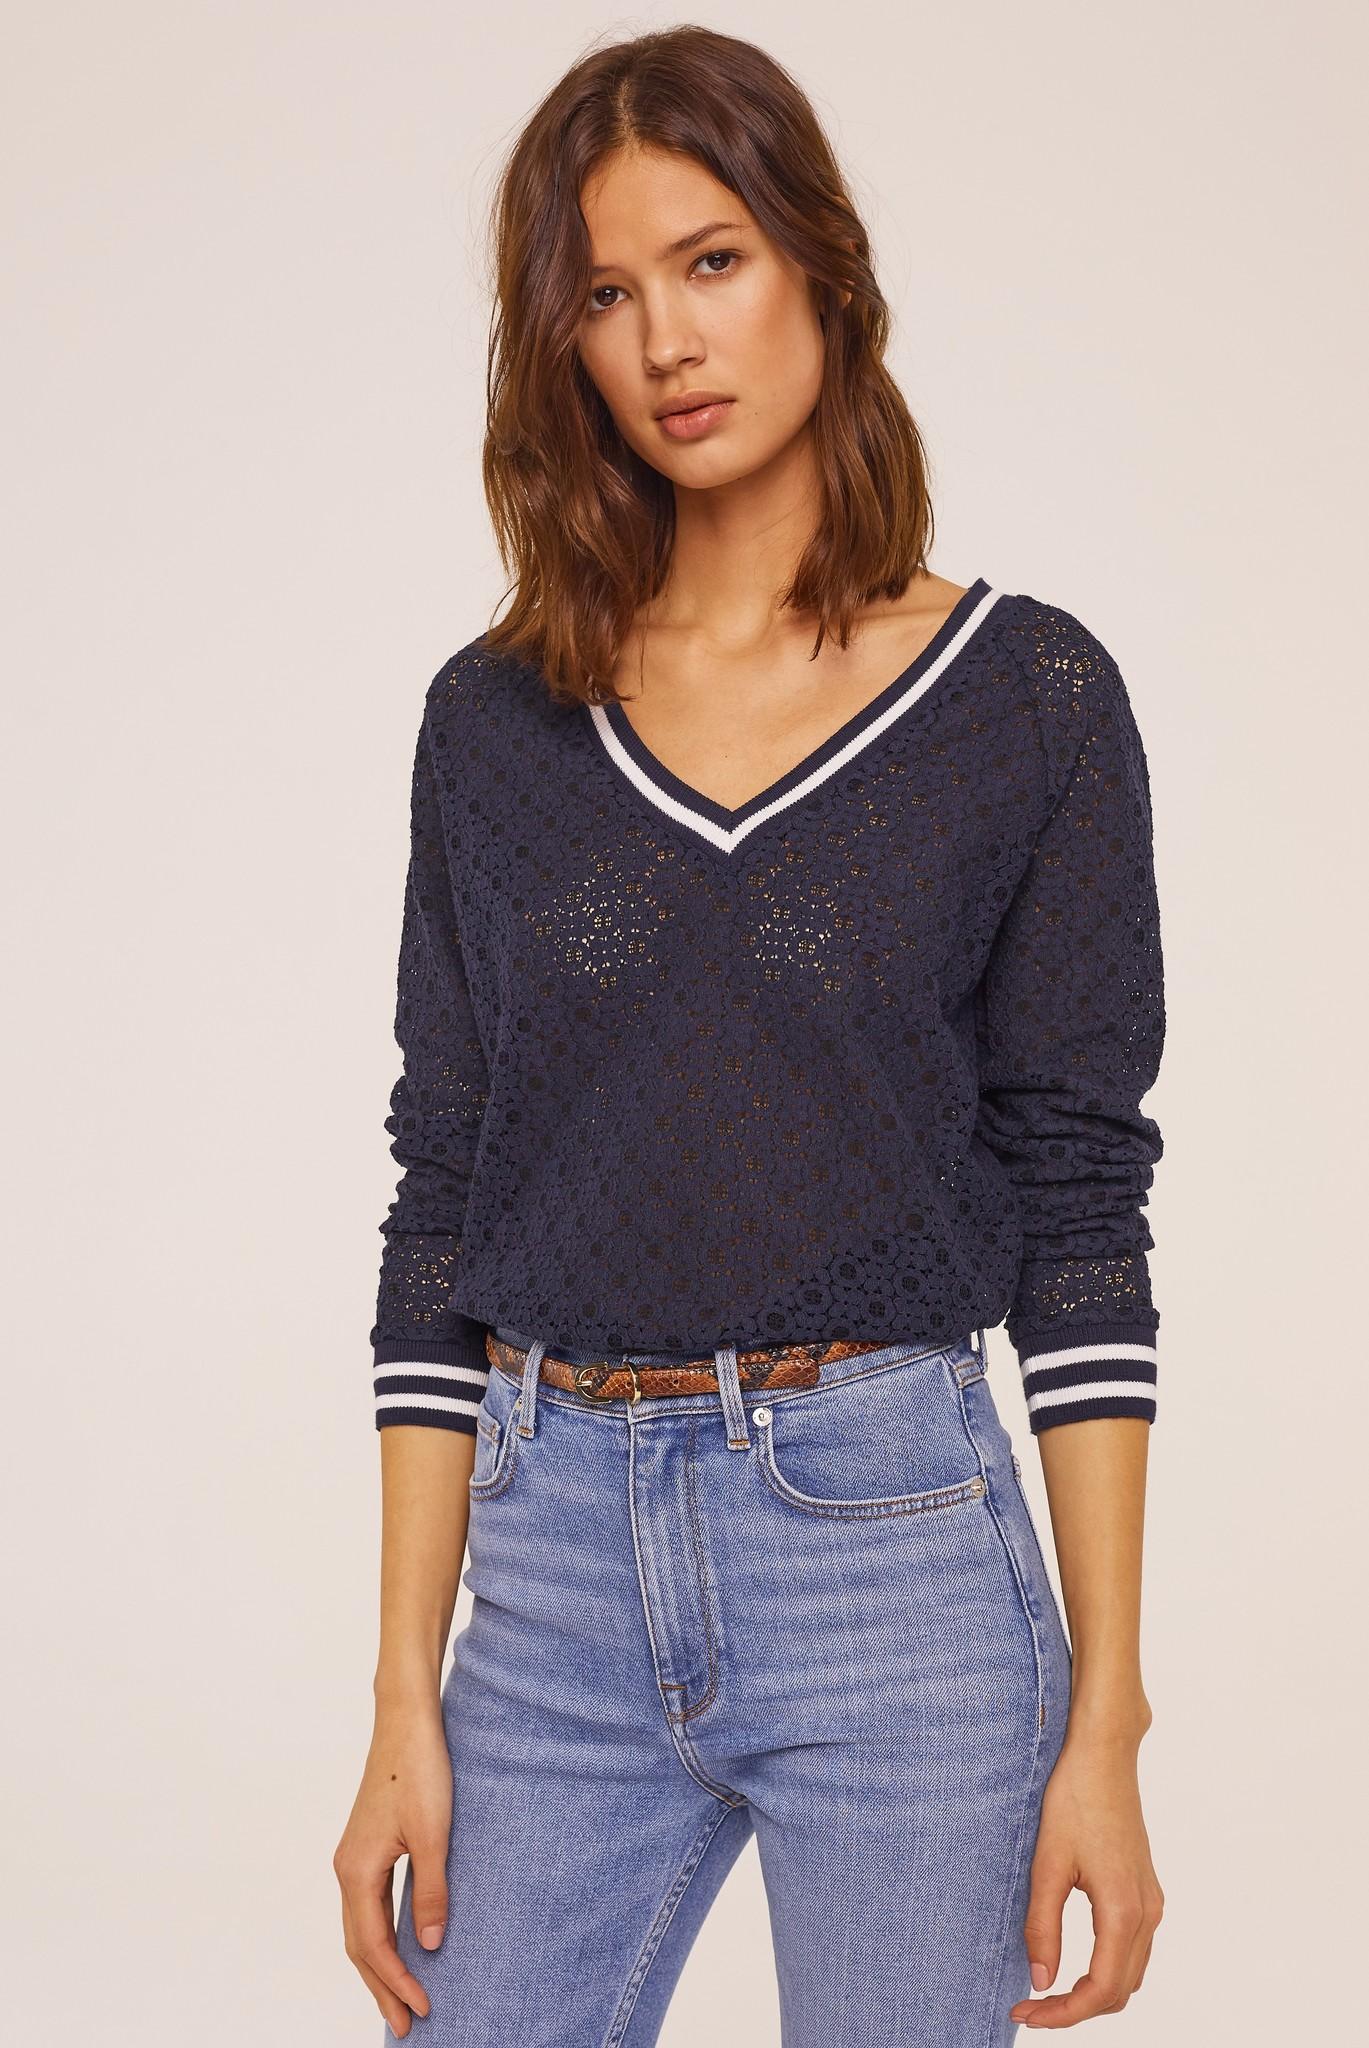 TINAEL - Кружевная футболка с длинным рукавом